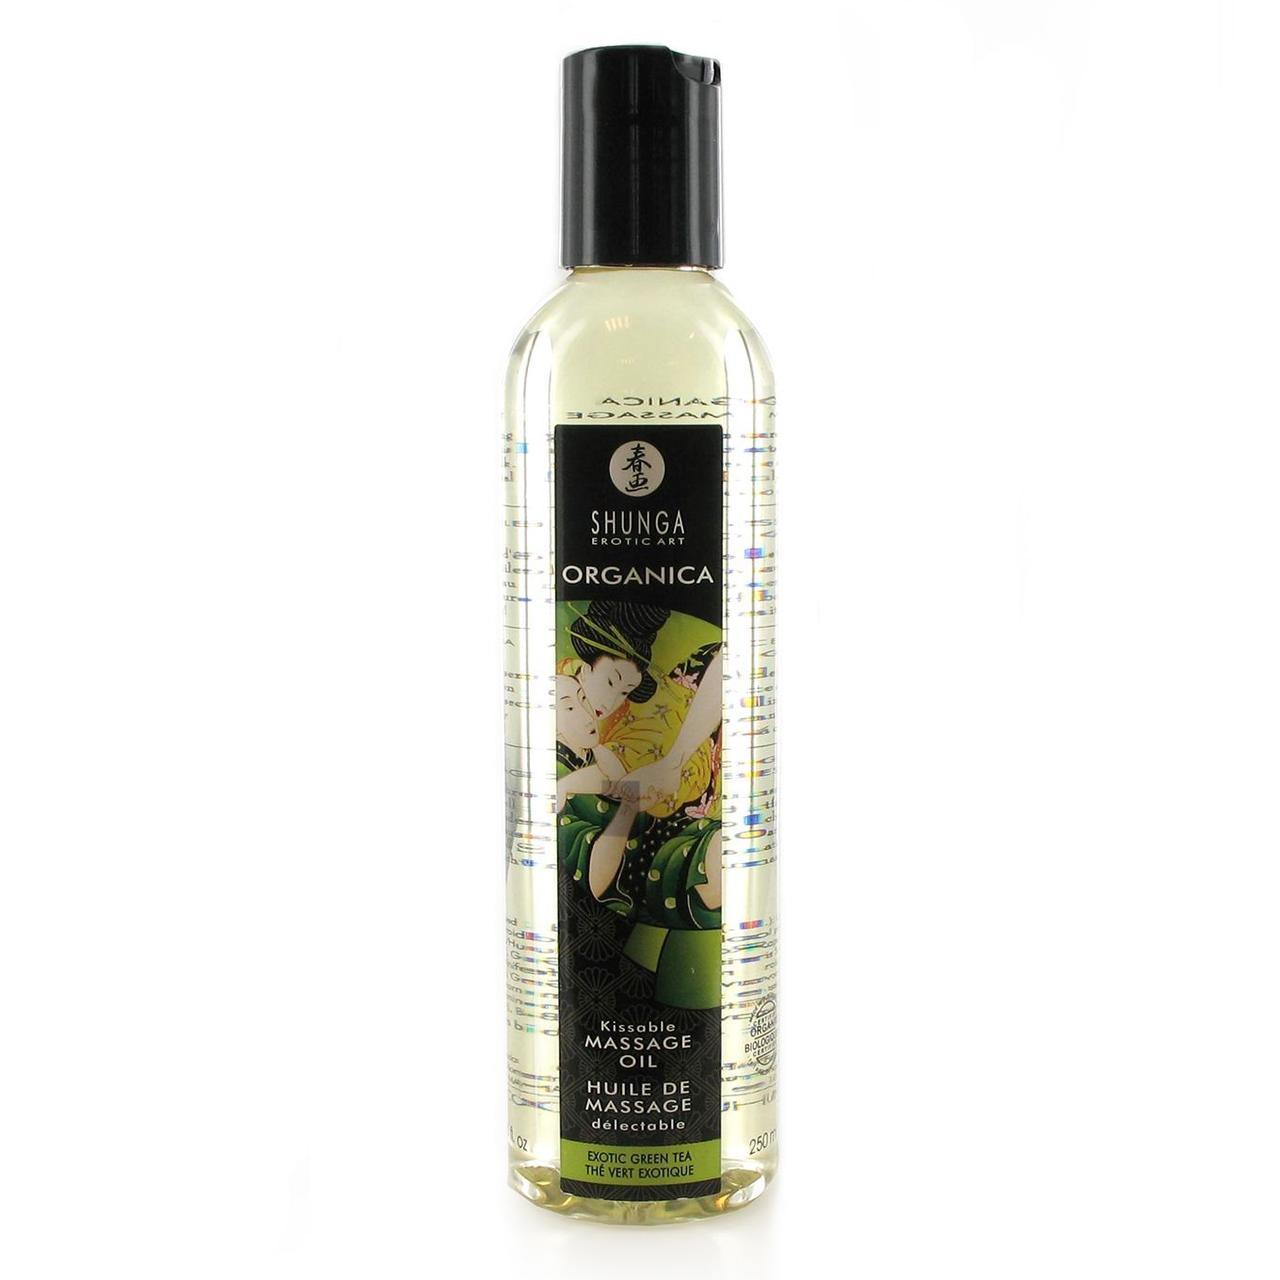 Органическое массажное масло Shunga Organica, 250 мл